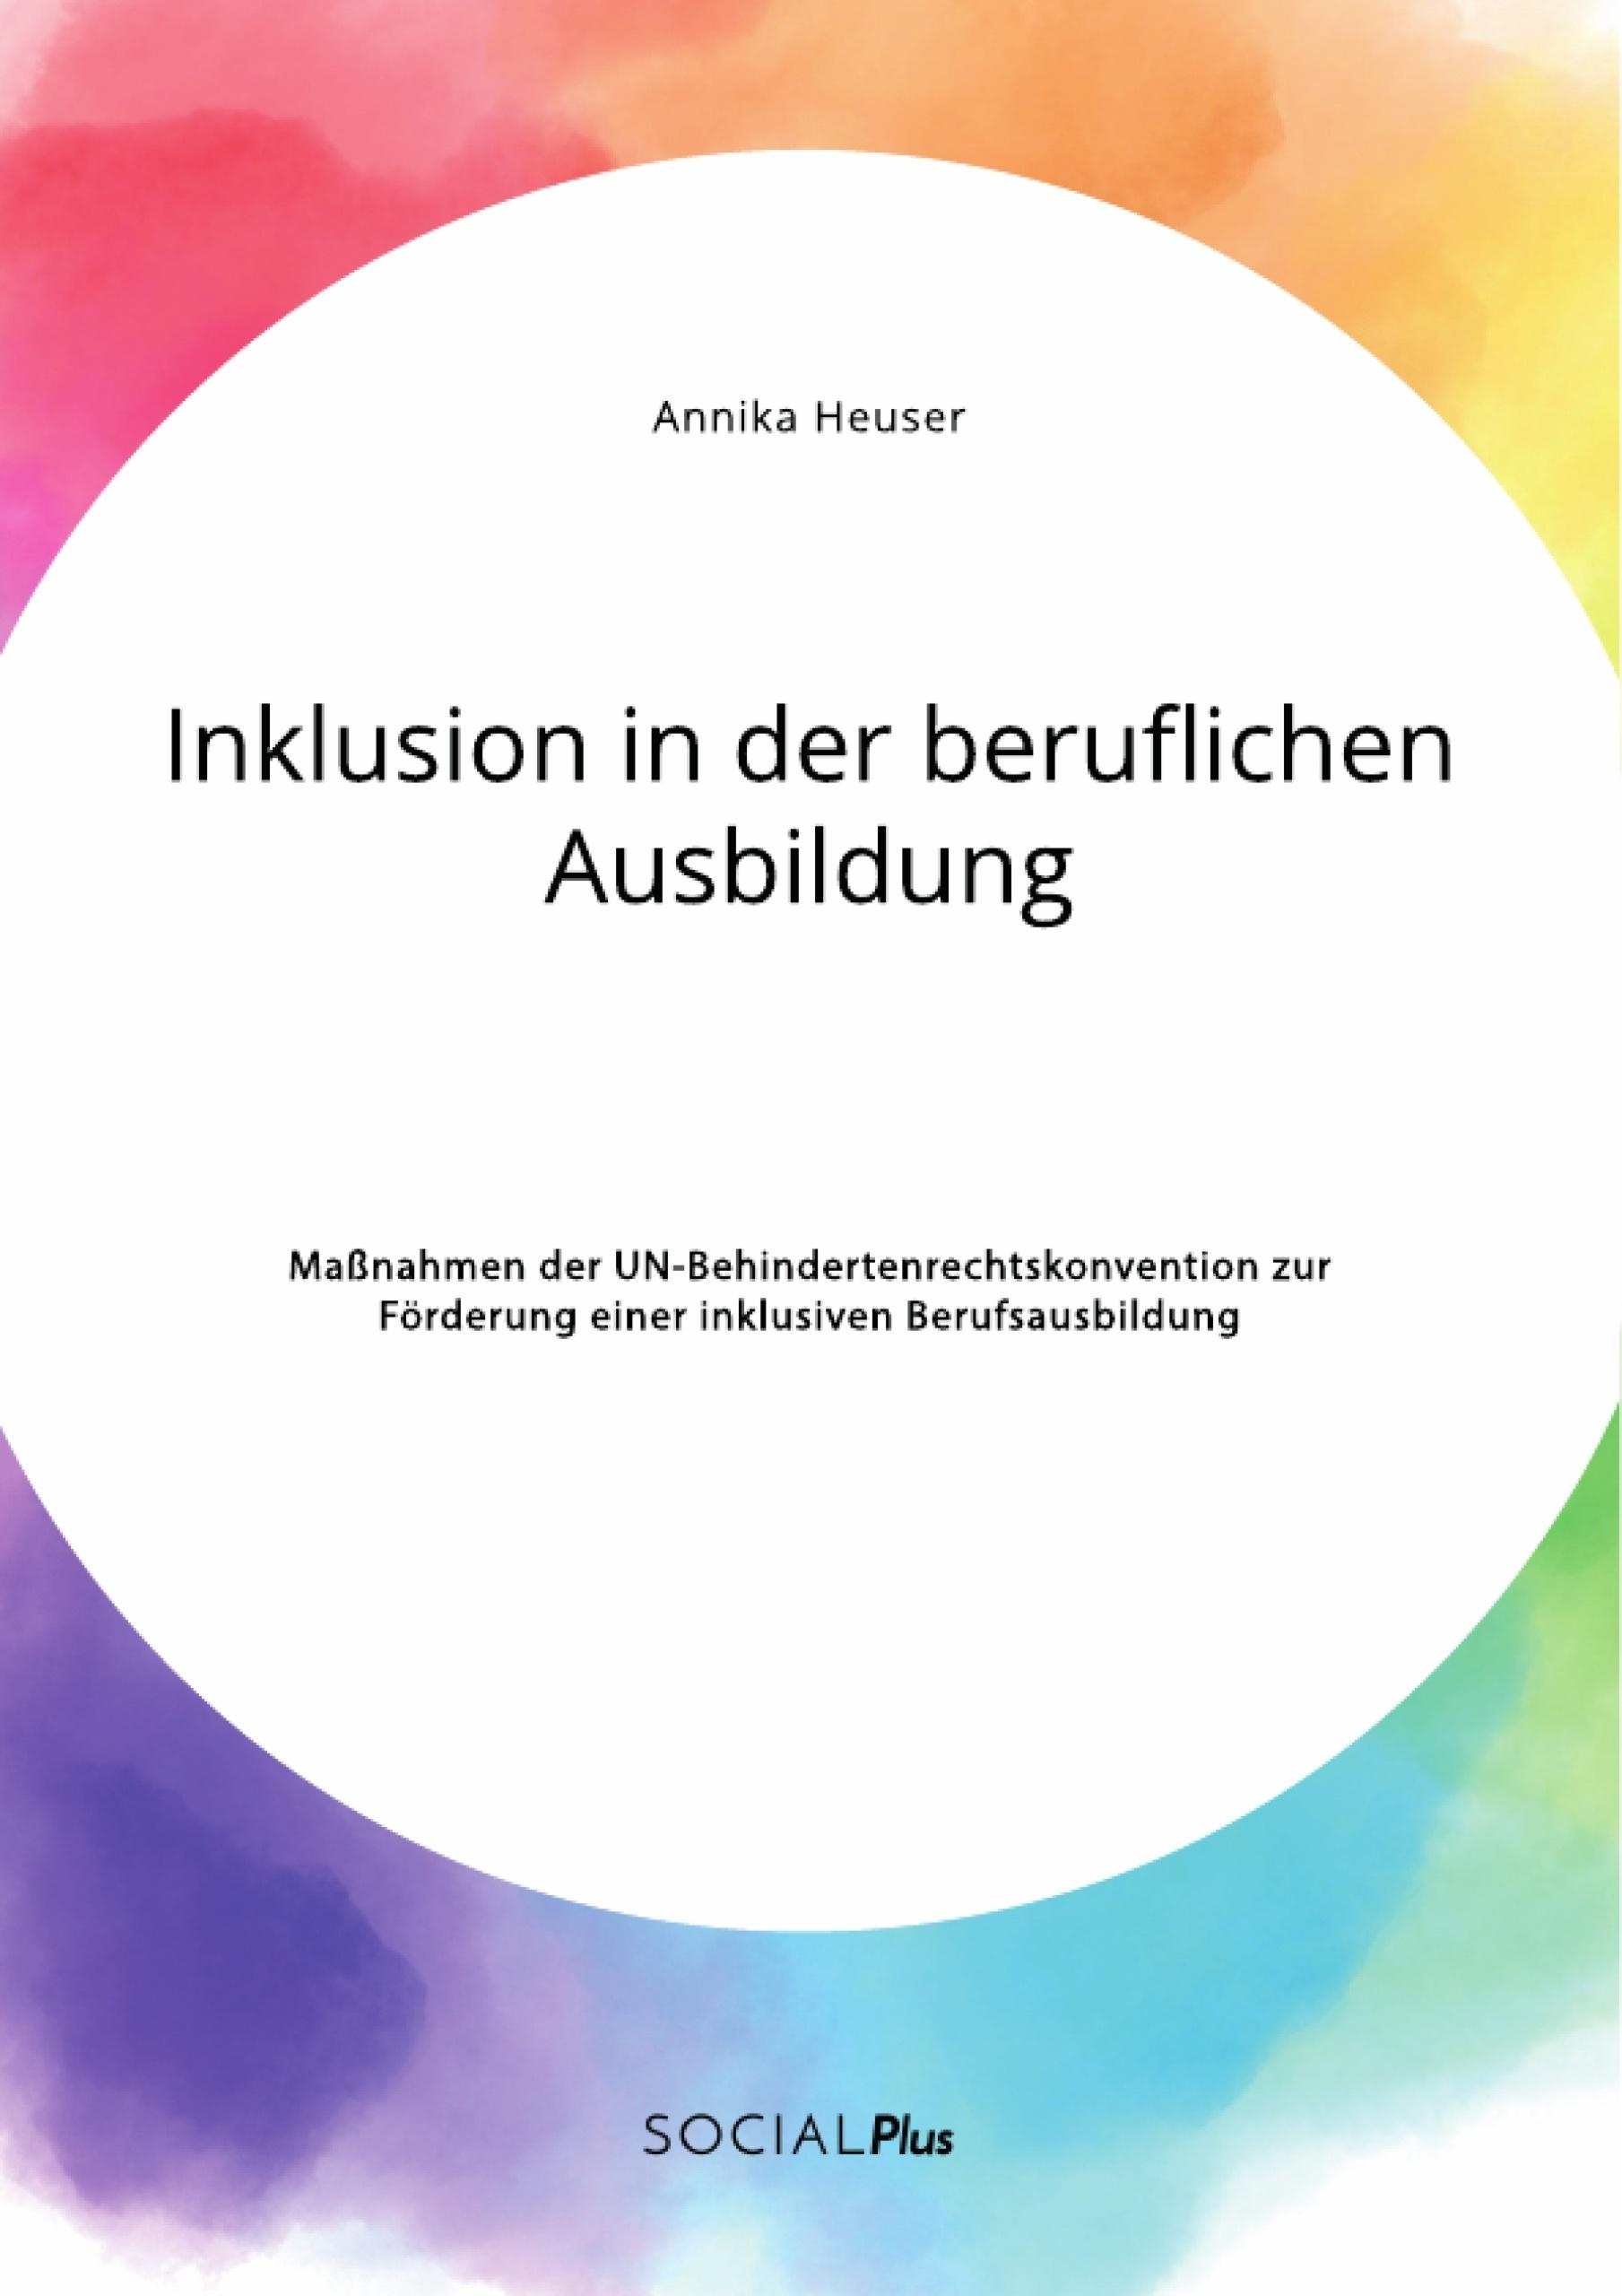 Titel: Inklusion in der beruflichen Ausbildung. Maßnahmen der UN-Behindertenrechtskonvention zur Förderung einer inklusiven Berufsausbildung